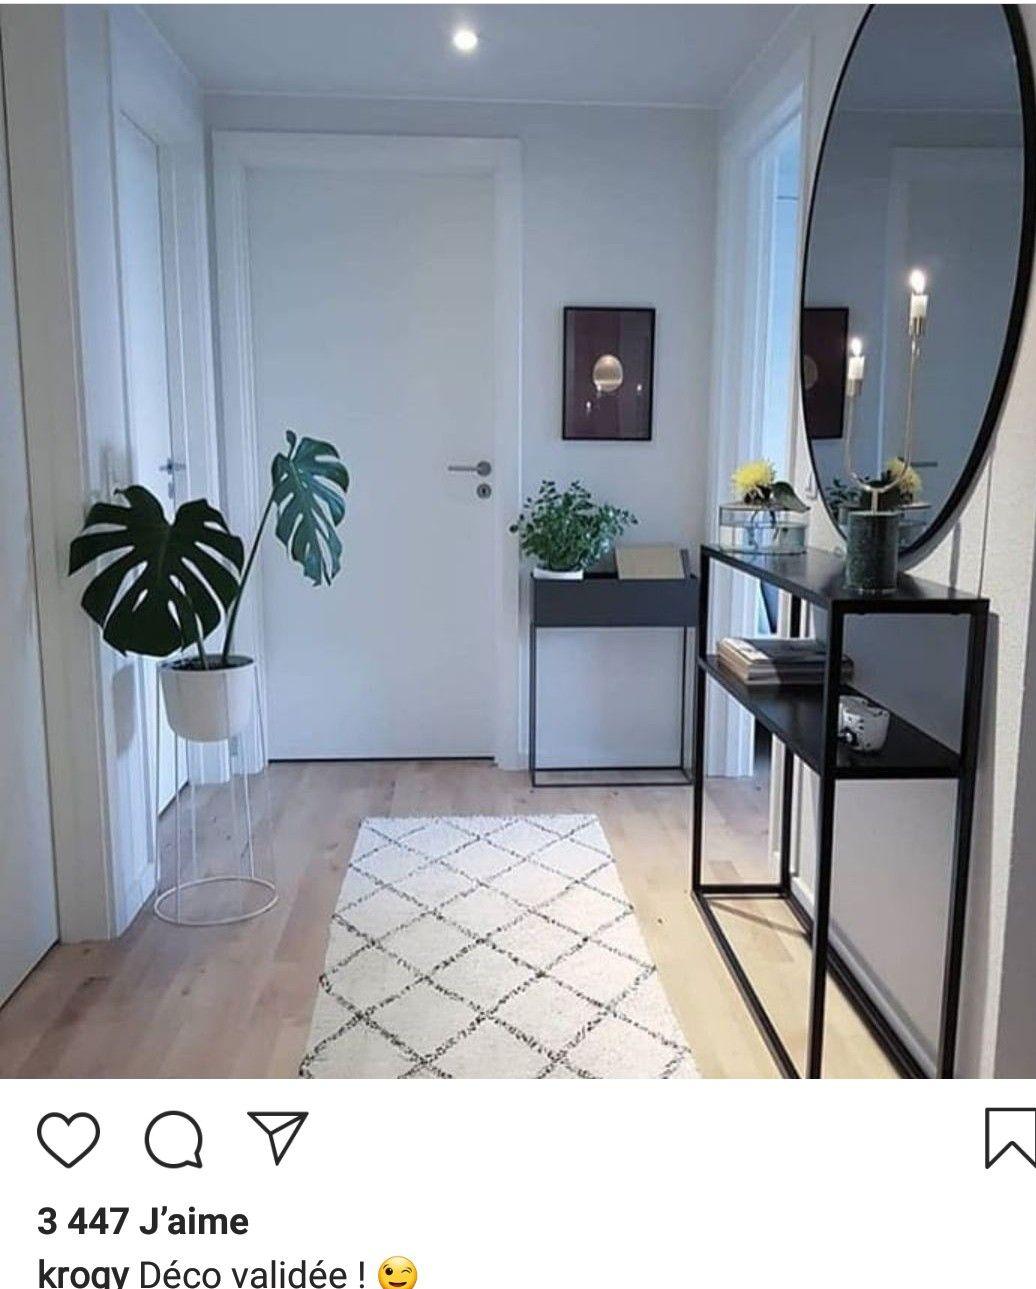 Idée entrée | Deco en 2019 | Déco entrée maison, Deco maison ...